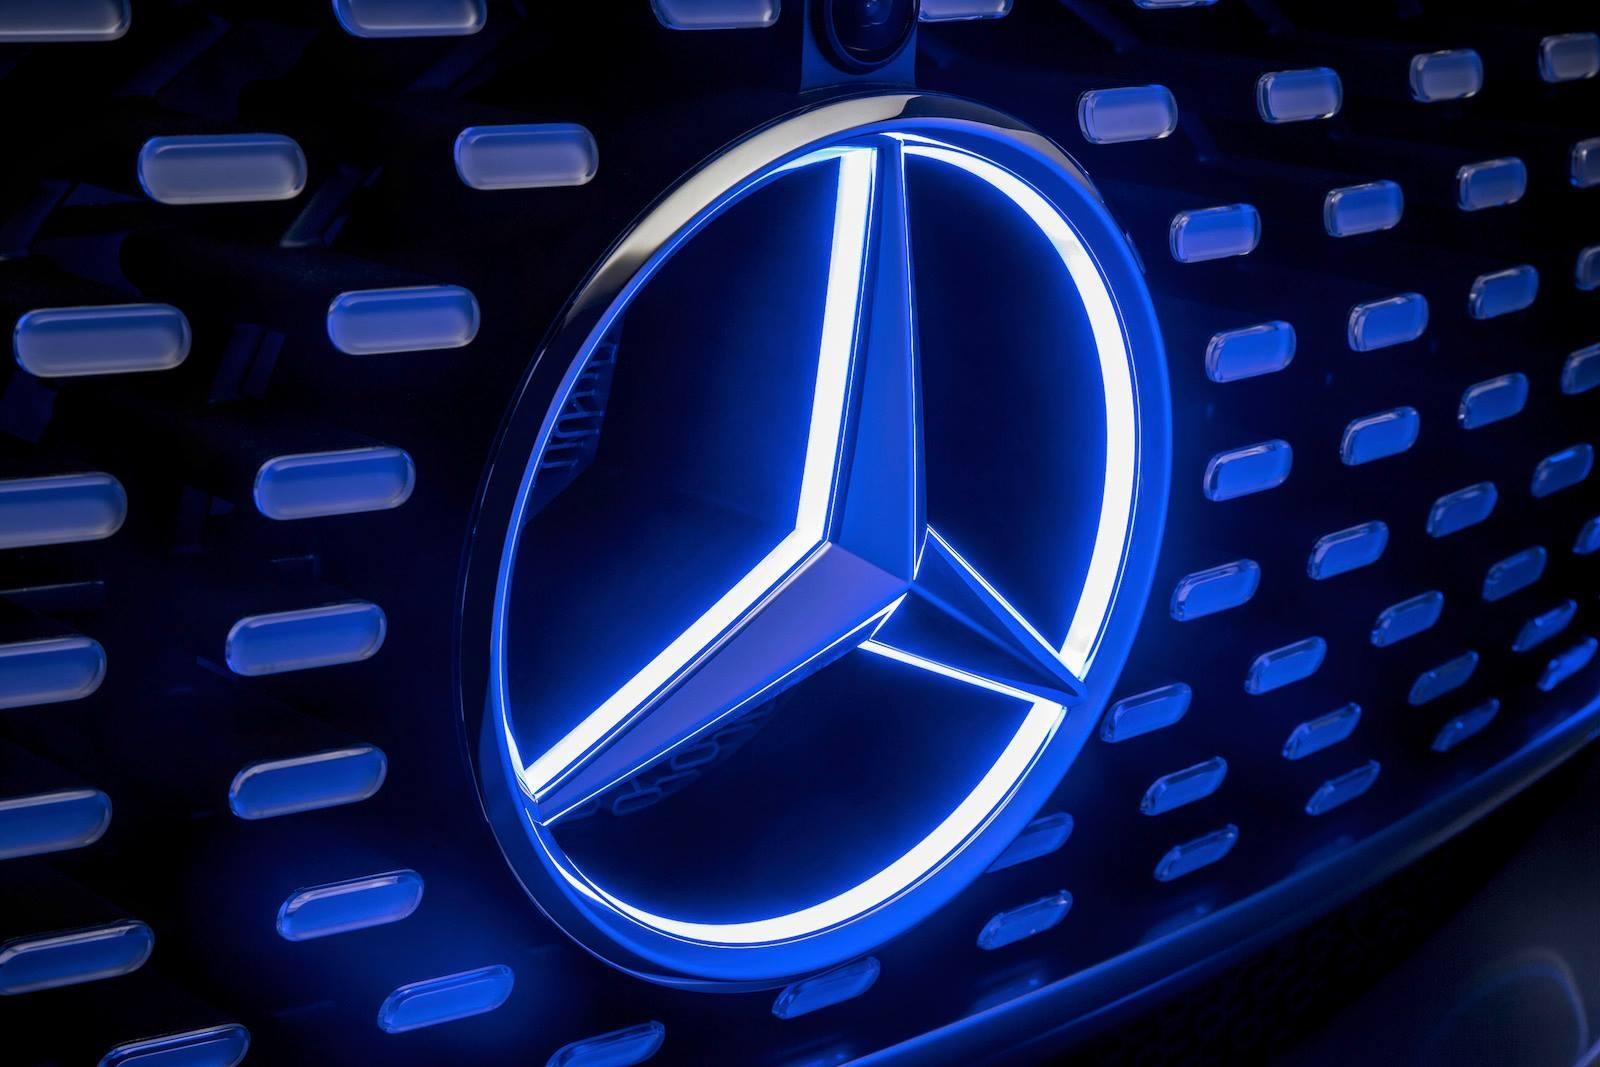 Красивые картинки с логотипами машин становится неуютно